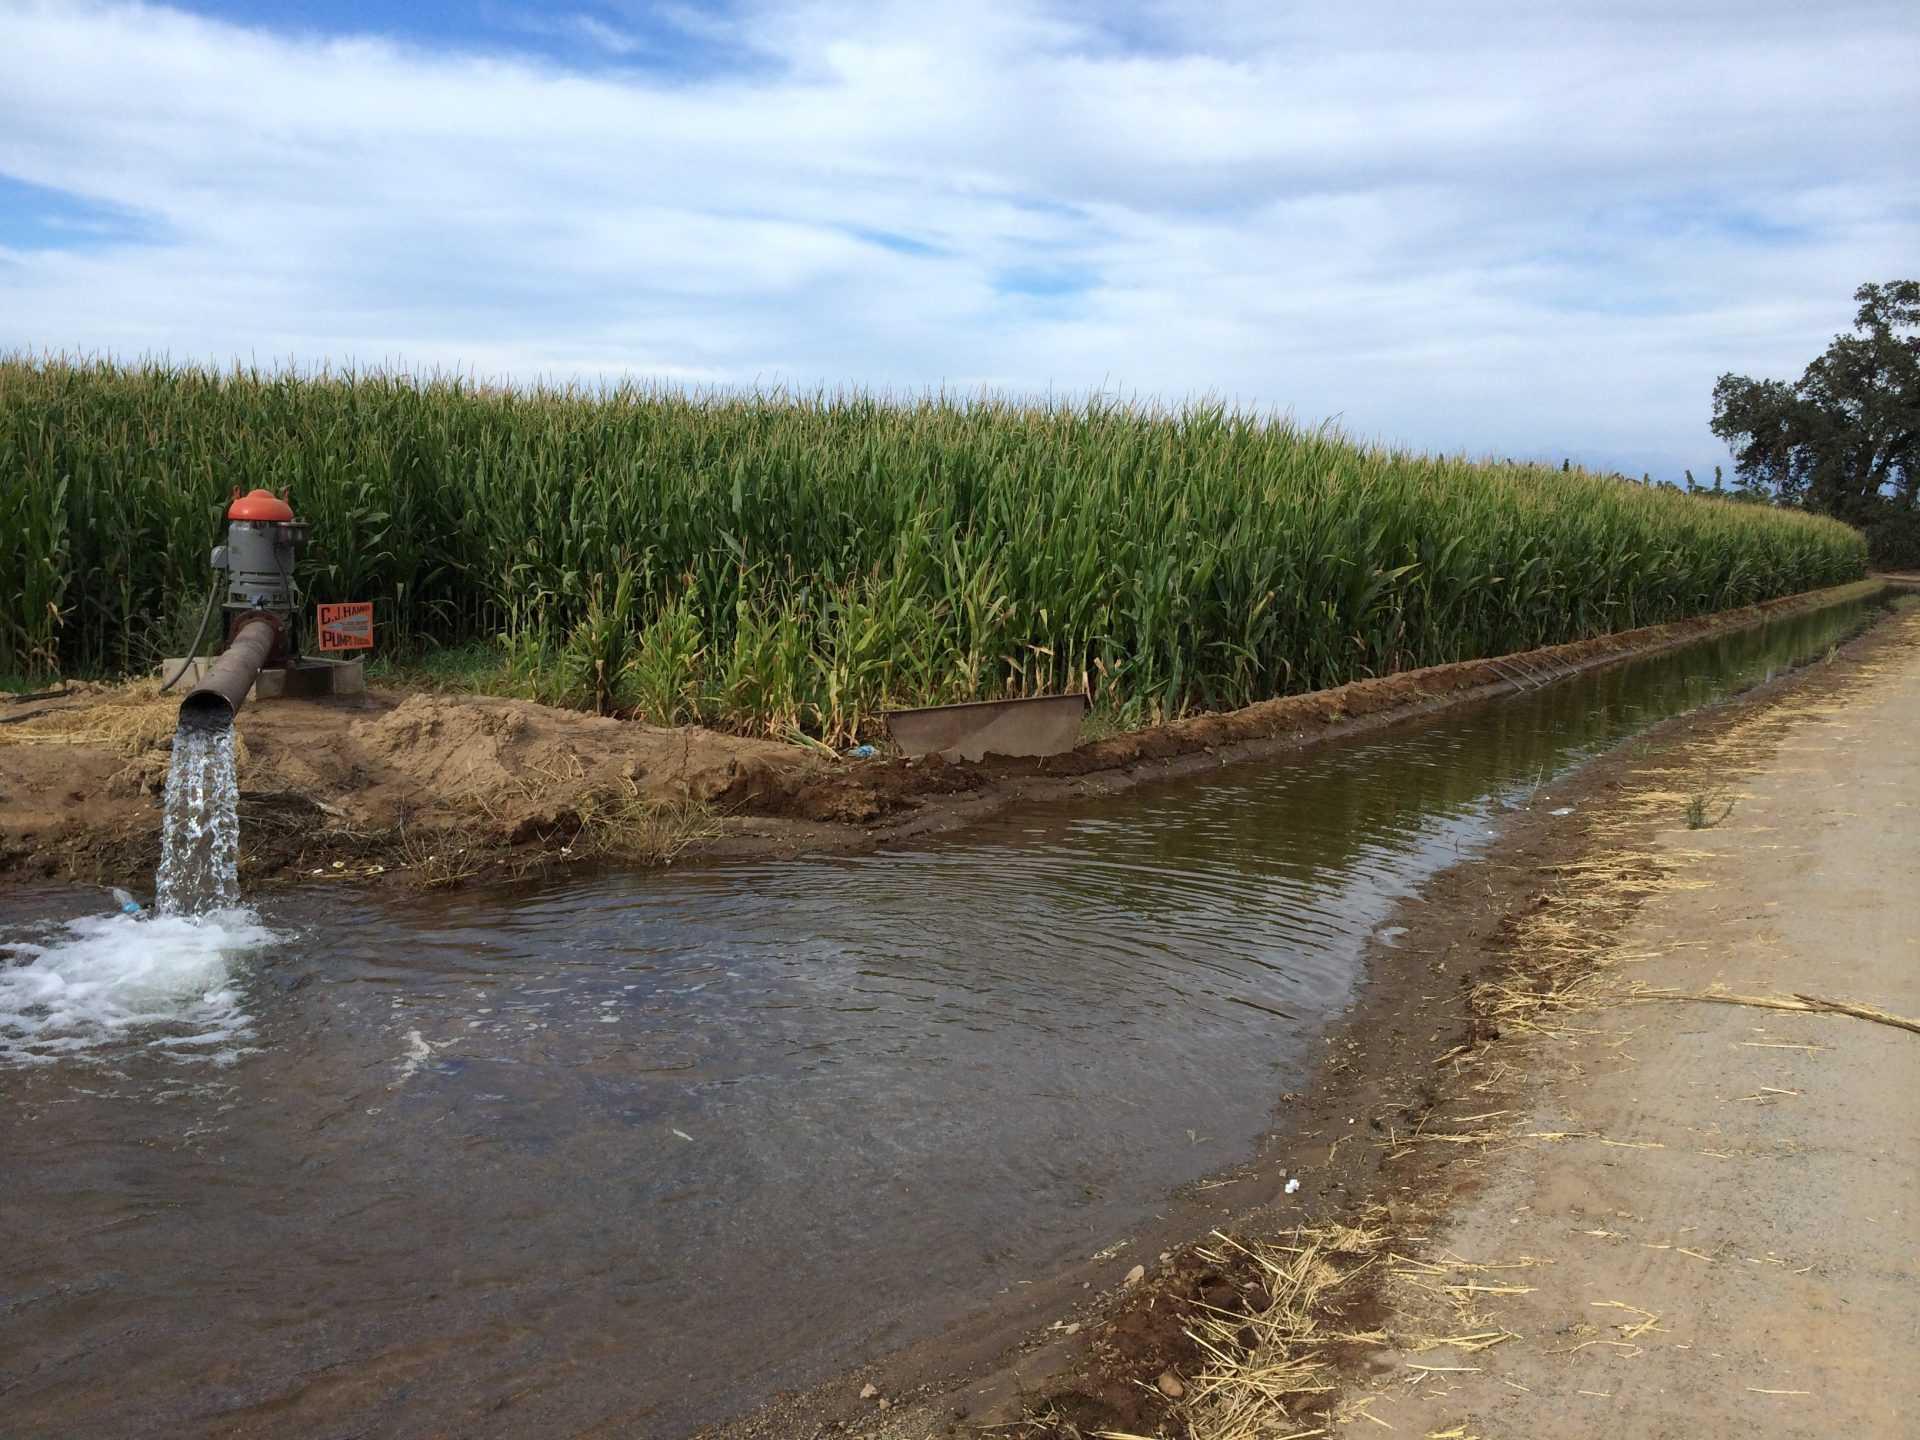 Источники загрязнения воды сельским хозяйством